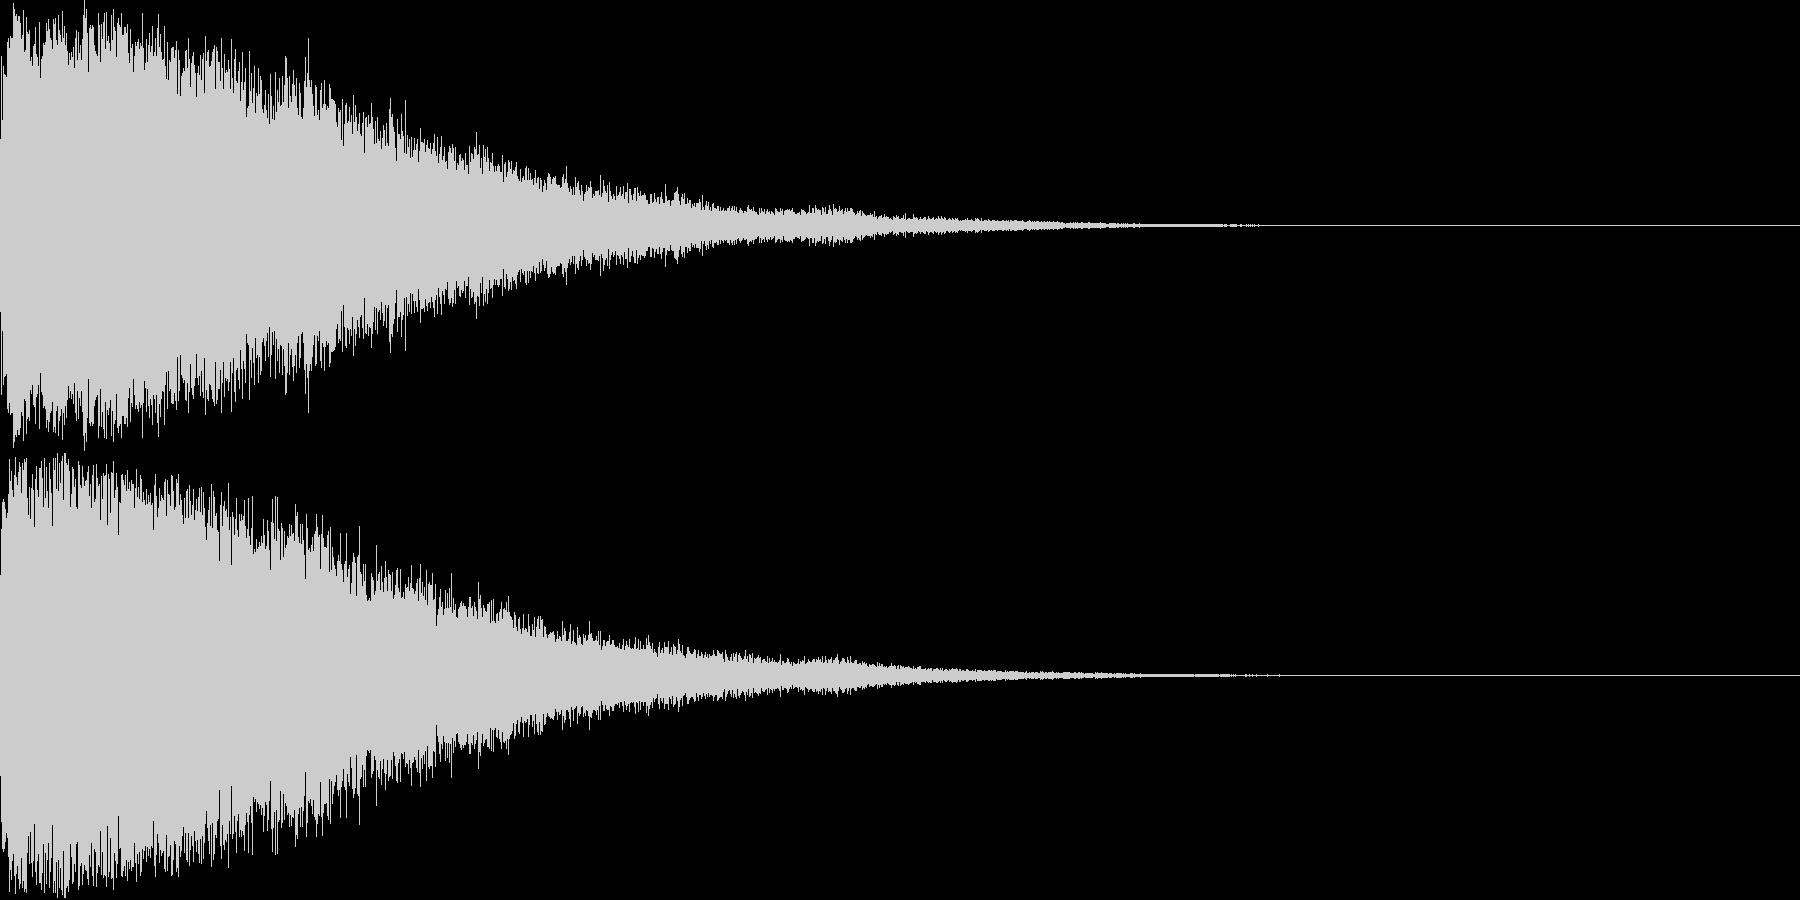 刀 剣 ソード カキーン キュイーン18の未再生の波形